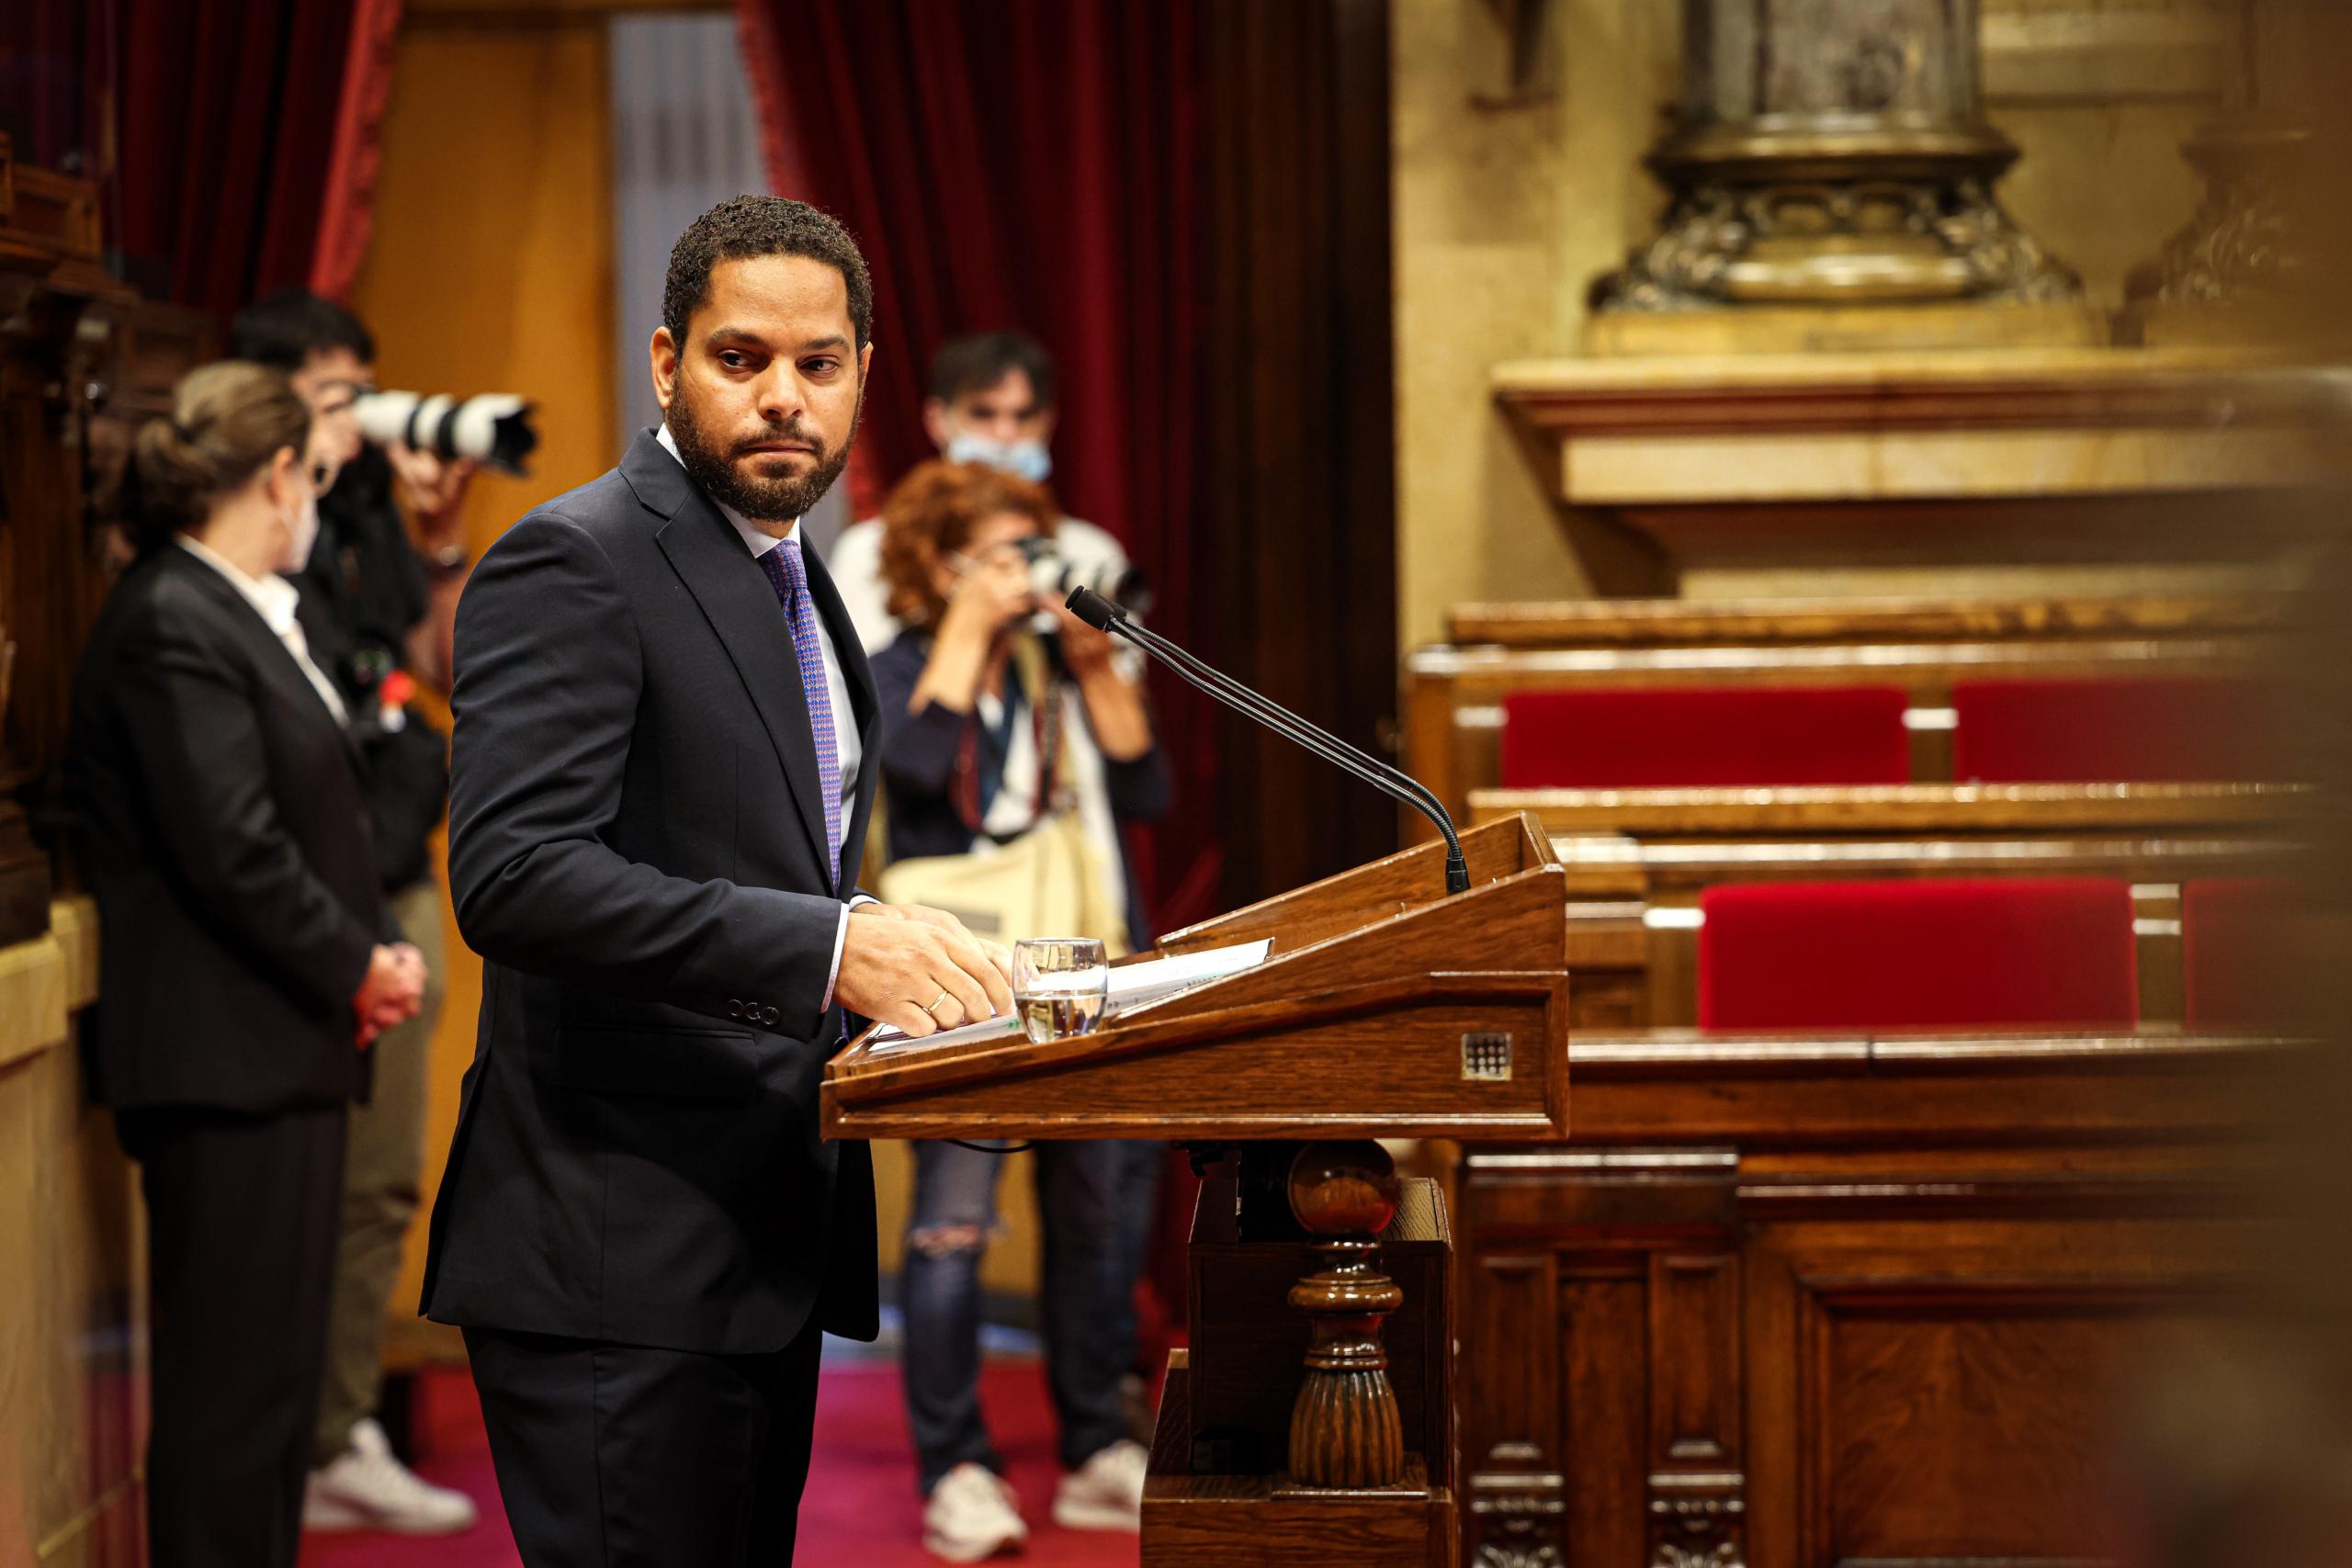 El líder del partit d'ultradreta Vox, Ignacio Garriga, durant el debat de política general / Jordi Borràs